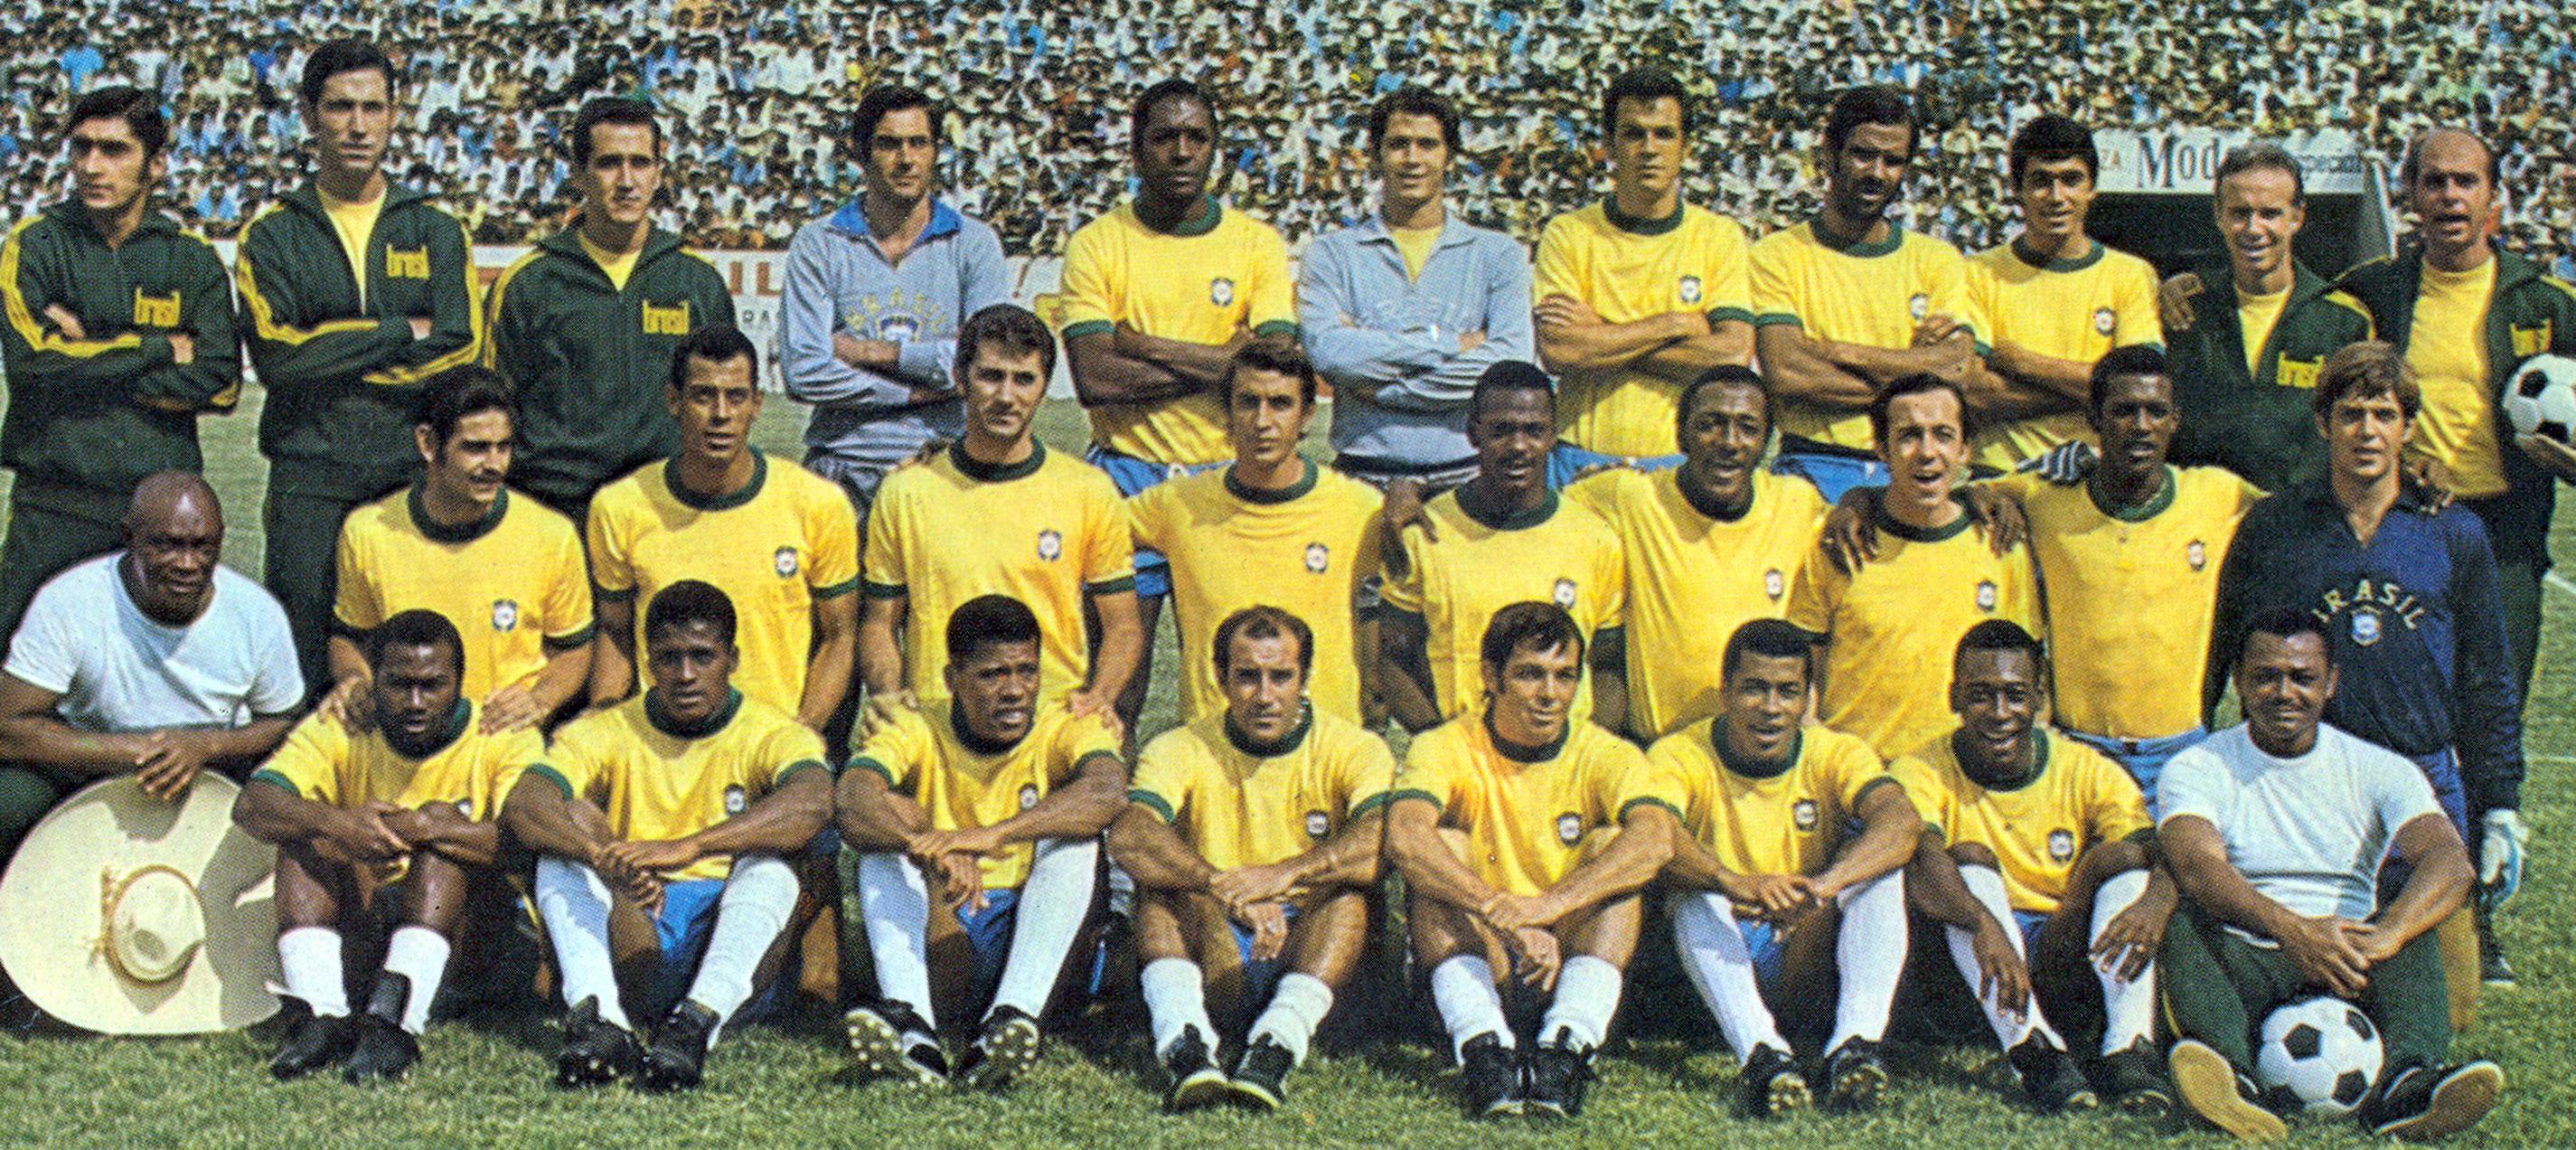 Todo esse reconhecimento que foi adquirido e transmitido através da  tradição no futebol do país 698f91f23764f